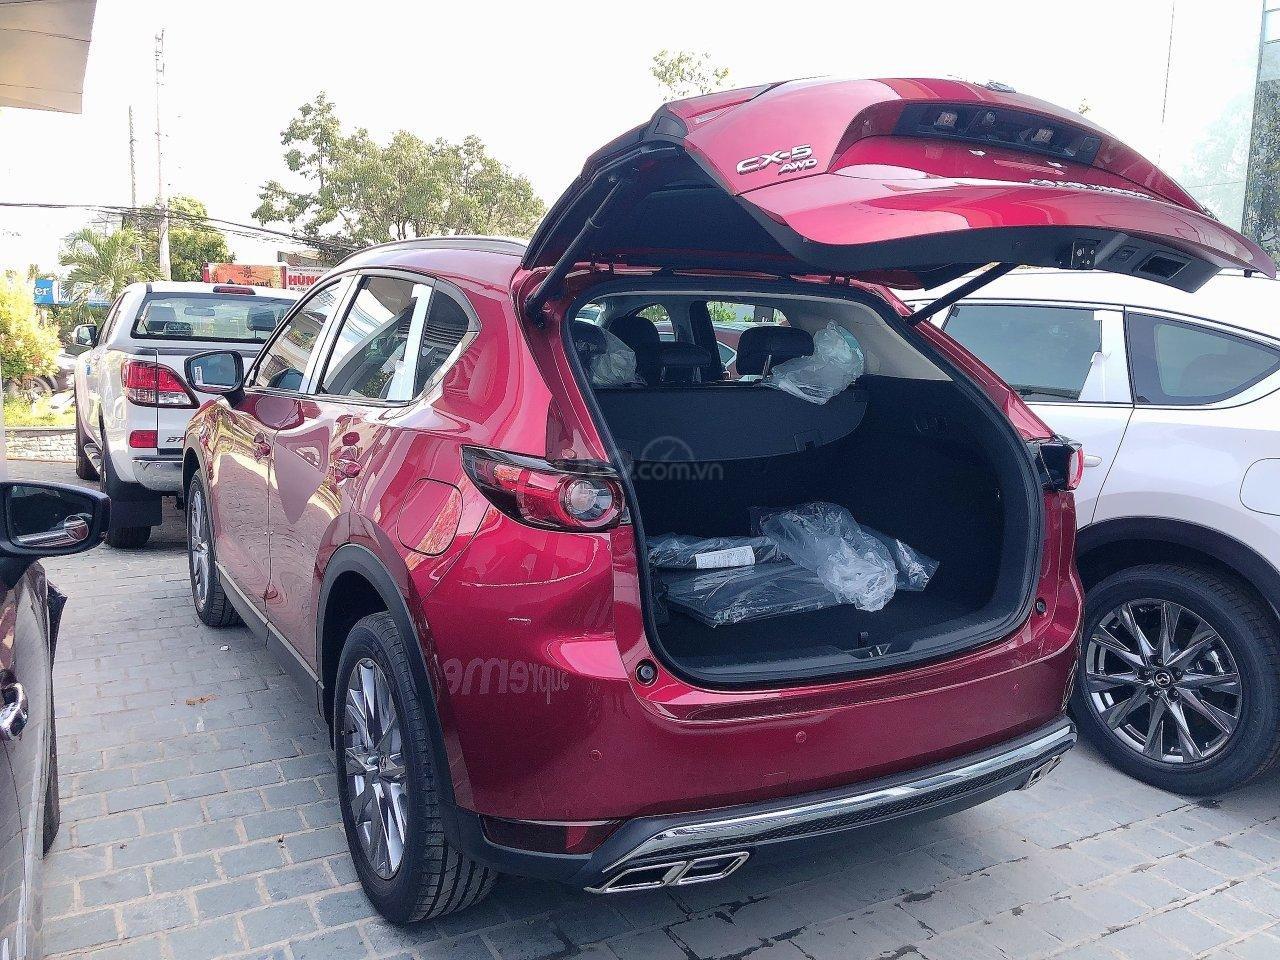 [Mazda Bình Triệu] bán Mazda CX-5 2019 giảm ngay 50 triệu. Gọi ngay 0345309502 ưu đãi thêm (4)